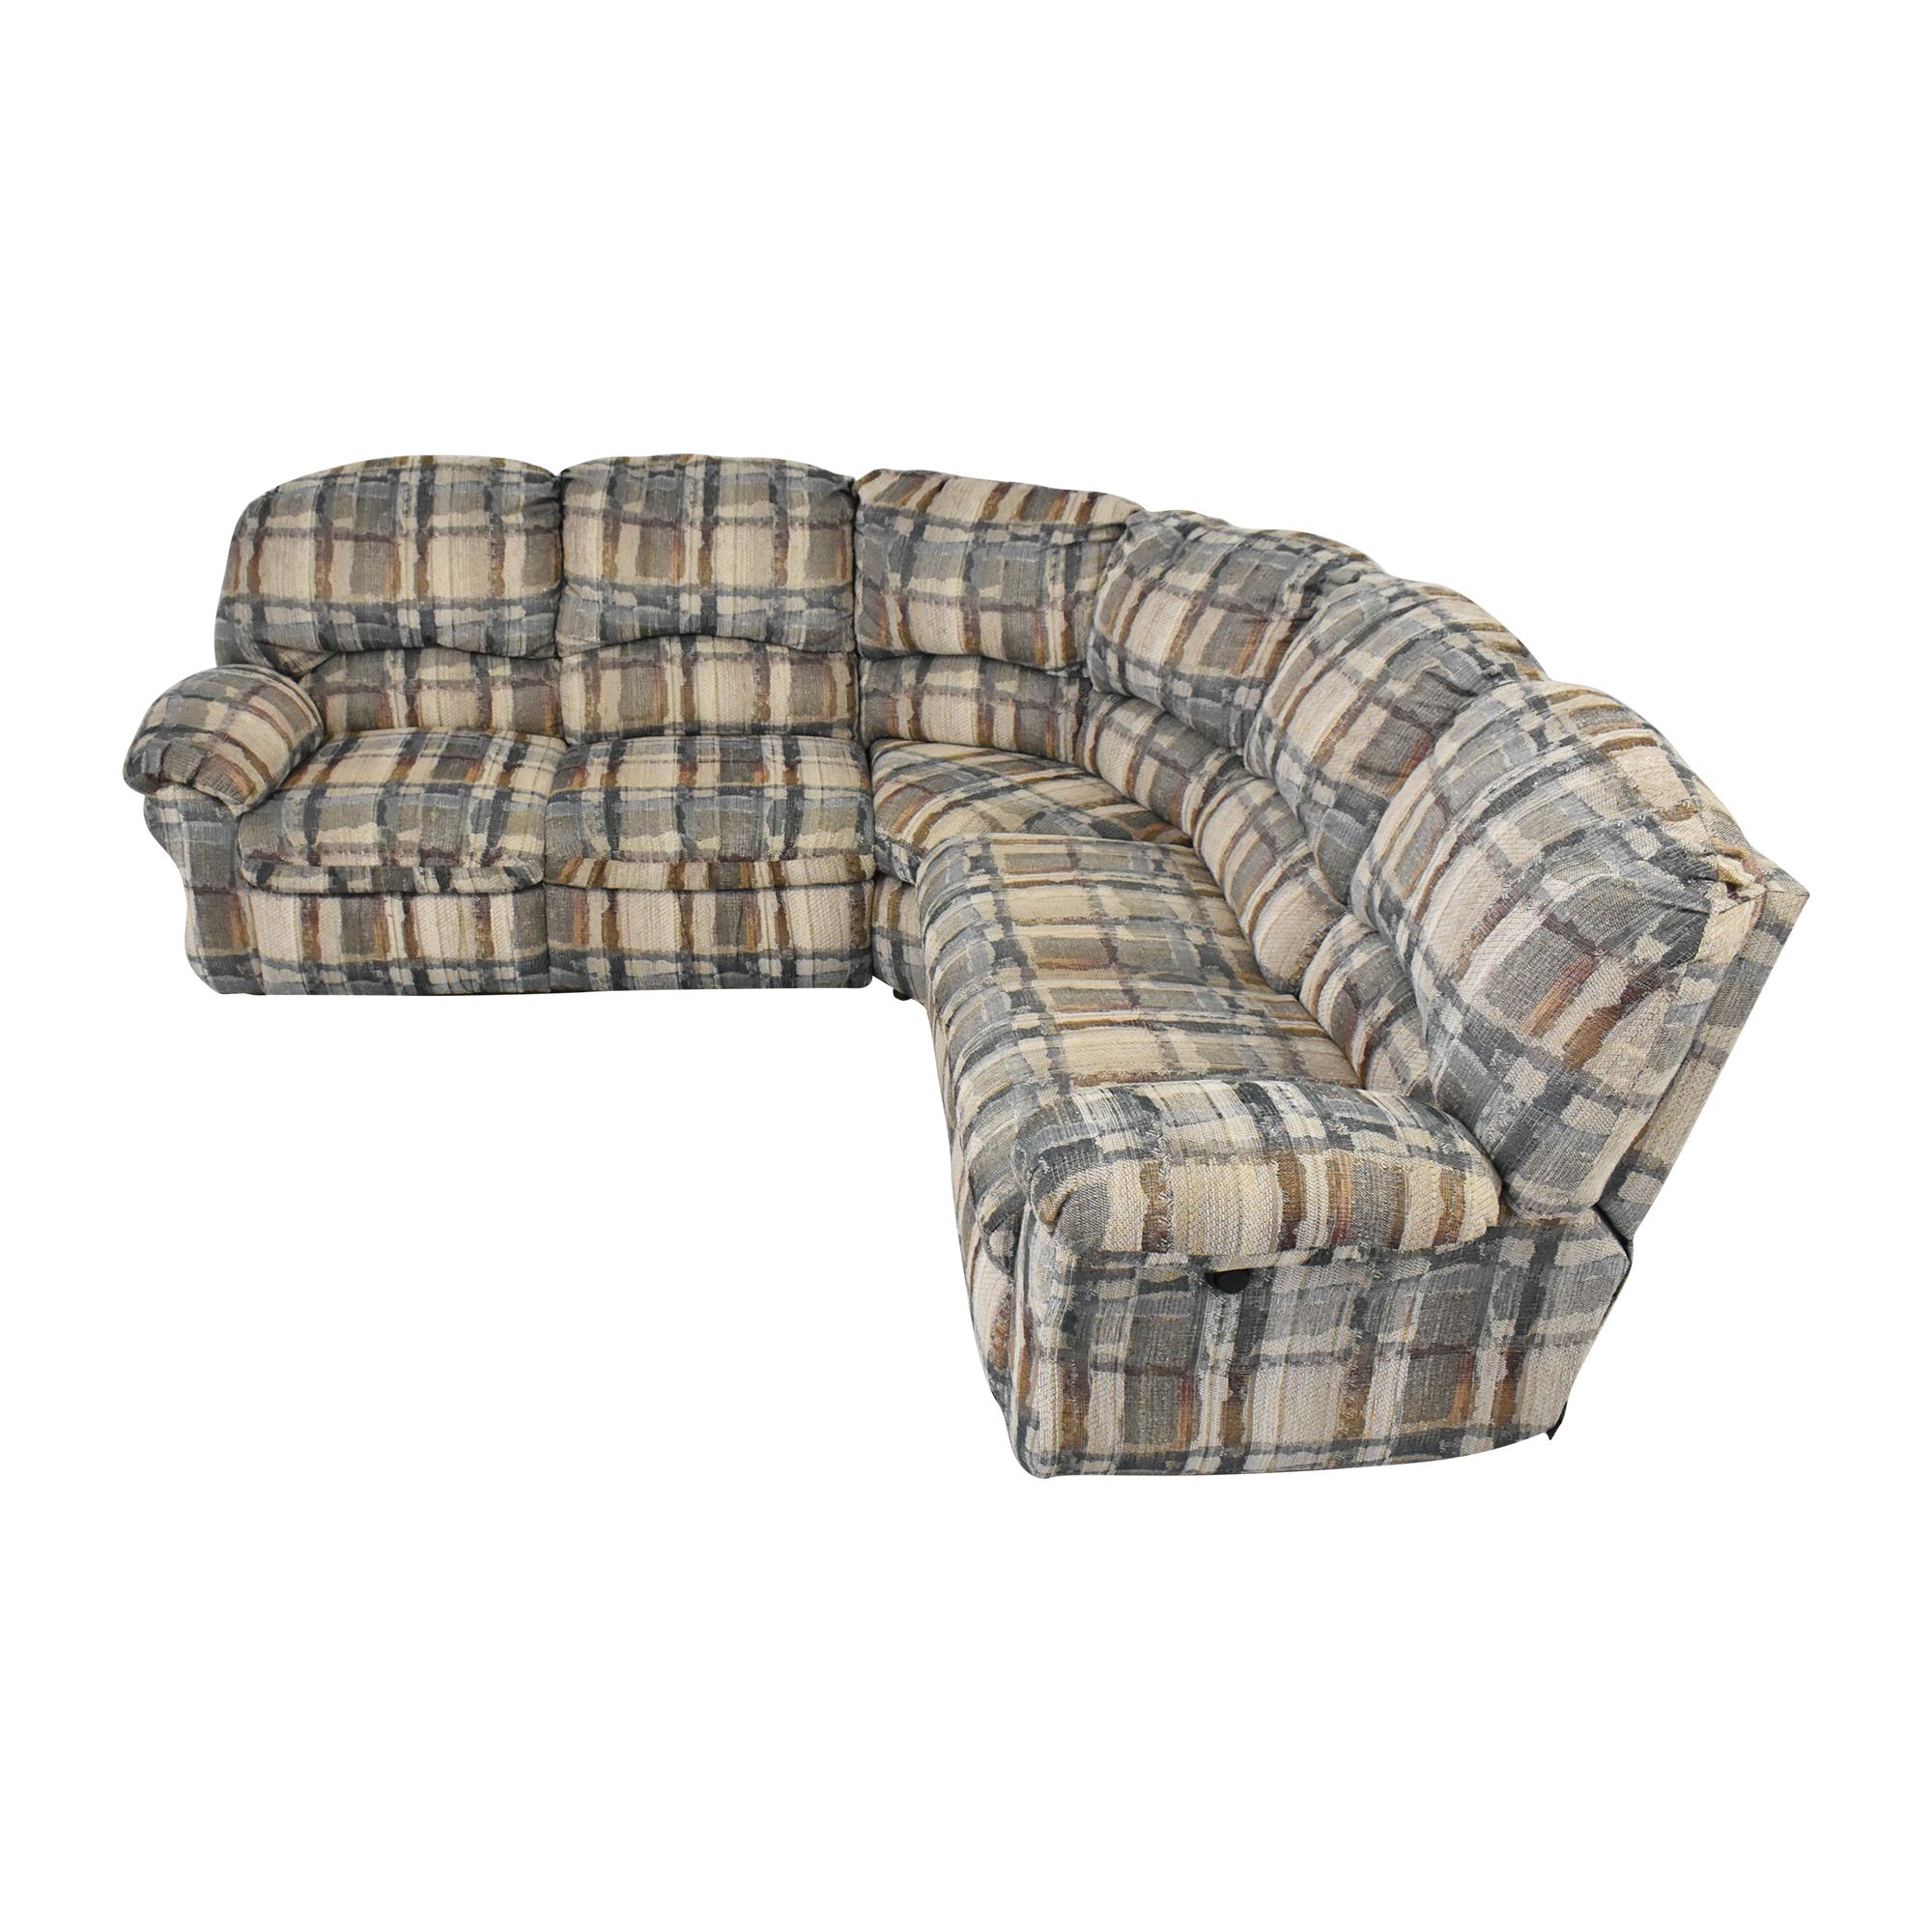 Berkline Berkline Crescent Sectional Sofa with Recliners pa